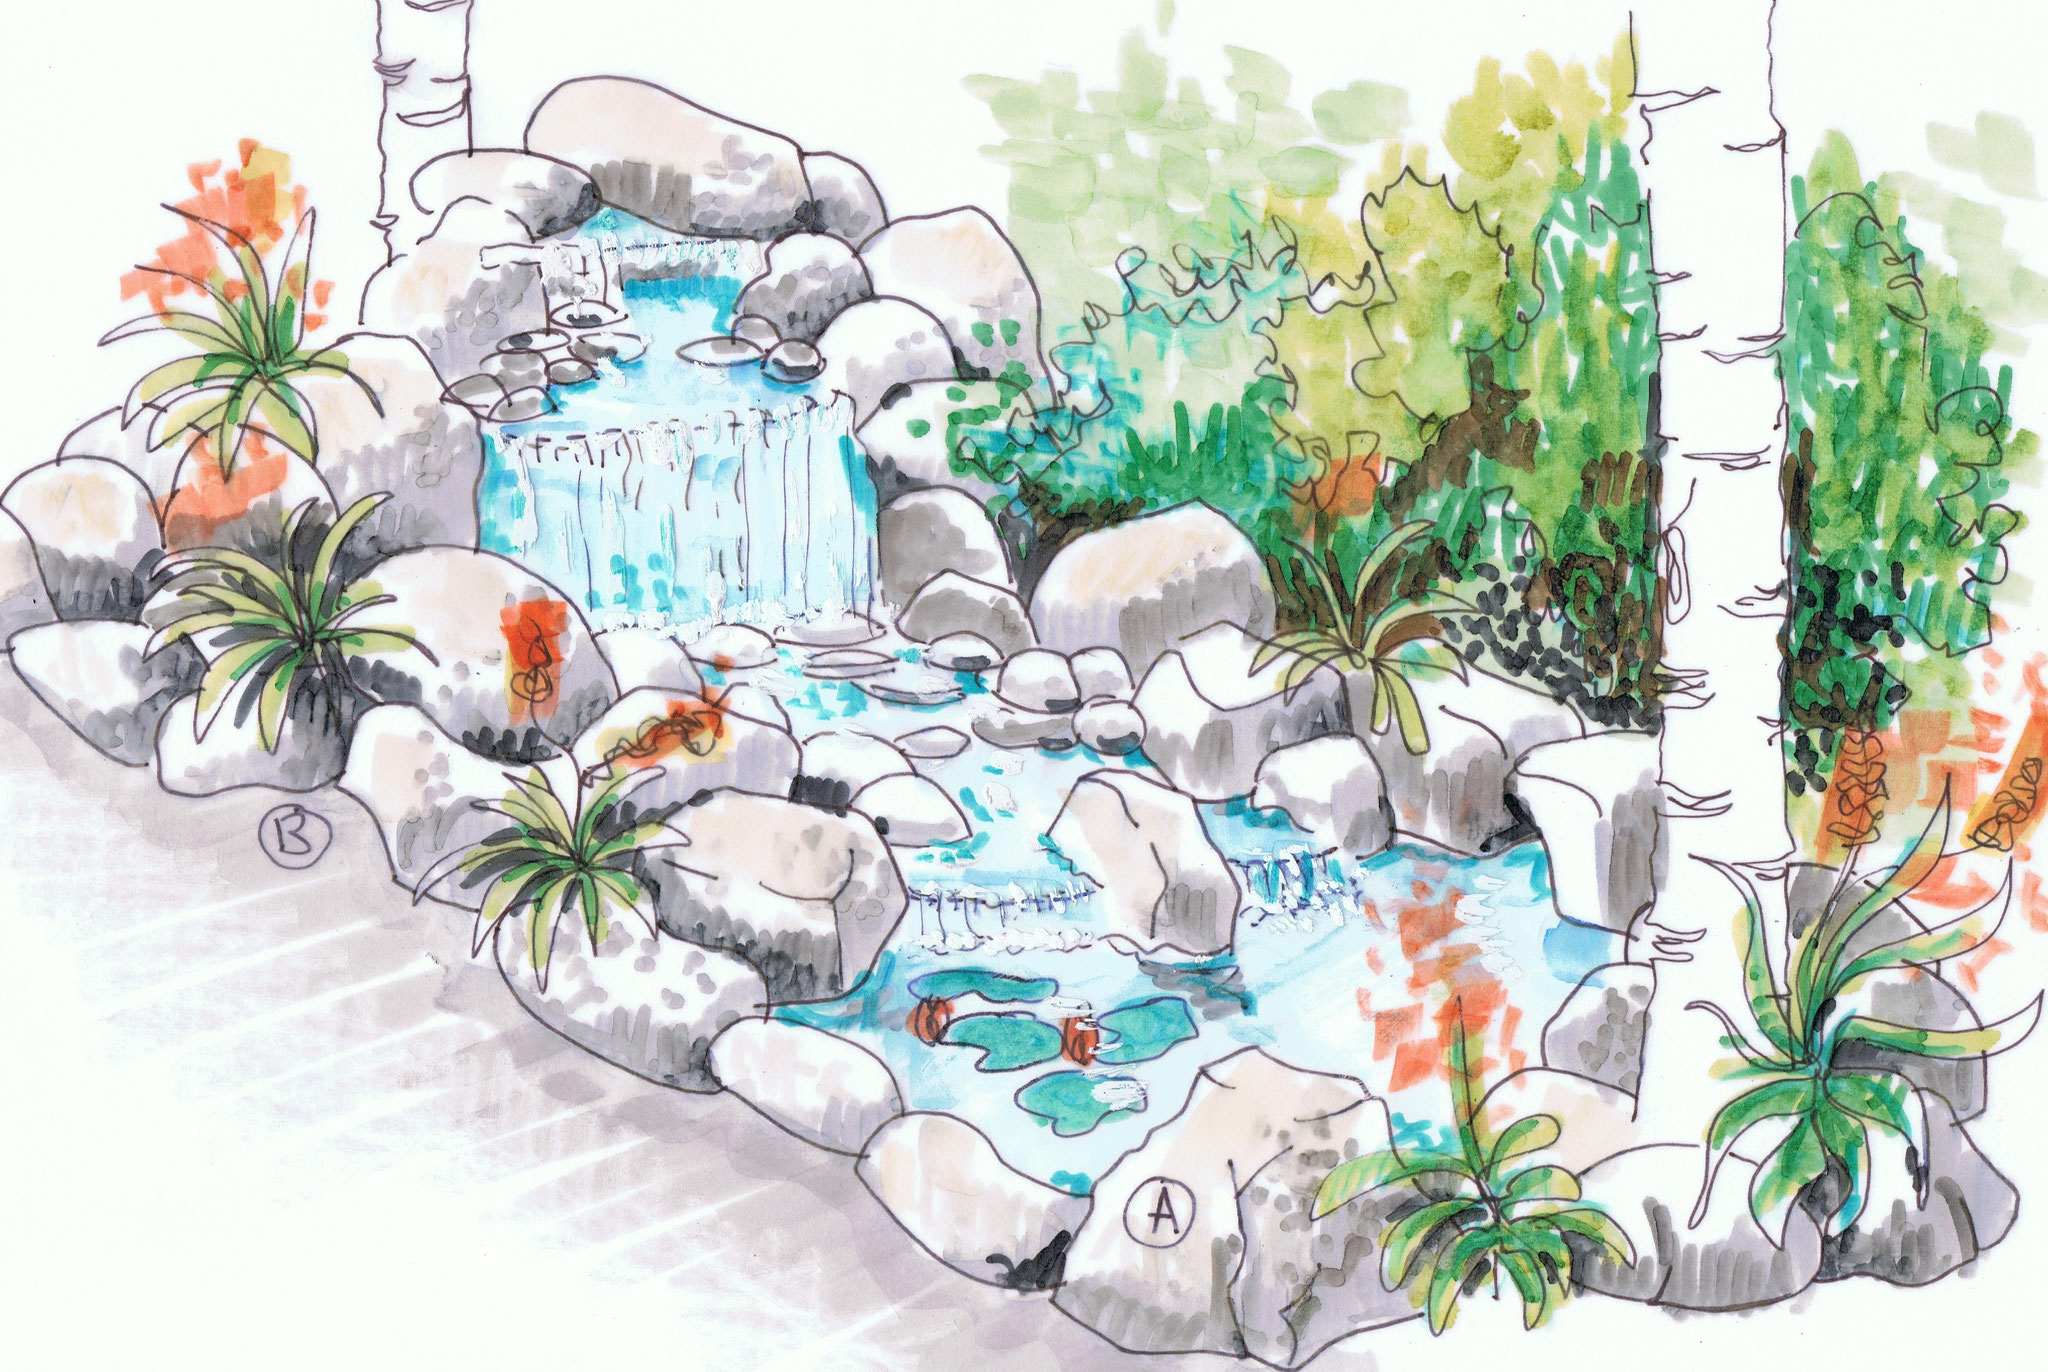 Création d'une rivière artificielle qui recrée l'ambiance dans laquelle vivaient les clients dans leur enfance.